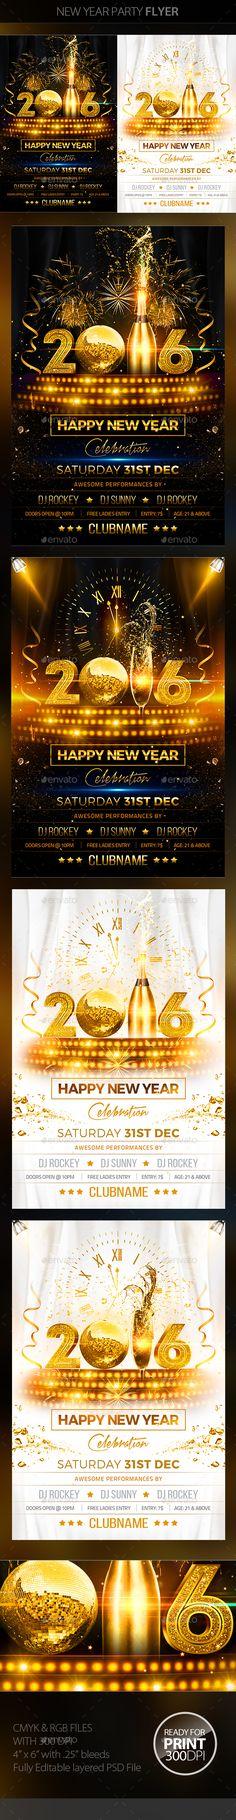 New Years Eve Bash Modello di volantino, Anno nuovo e Volantini - calendar flyer template